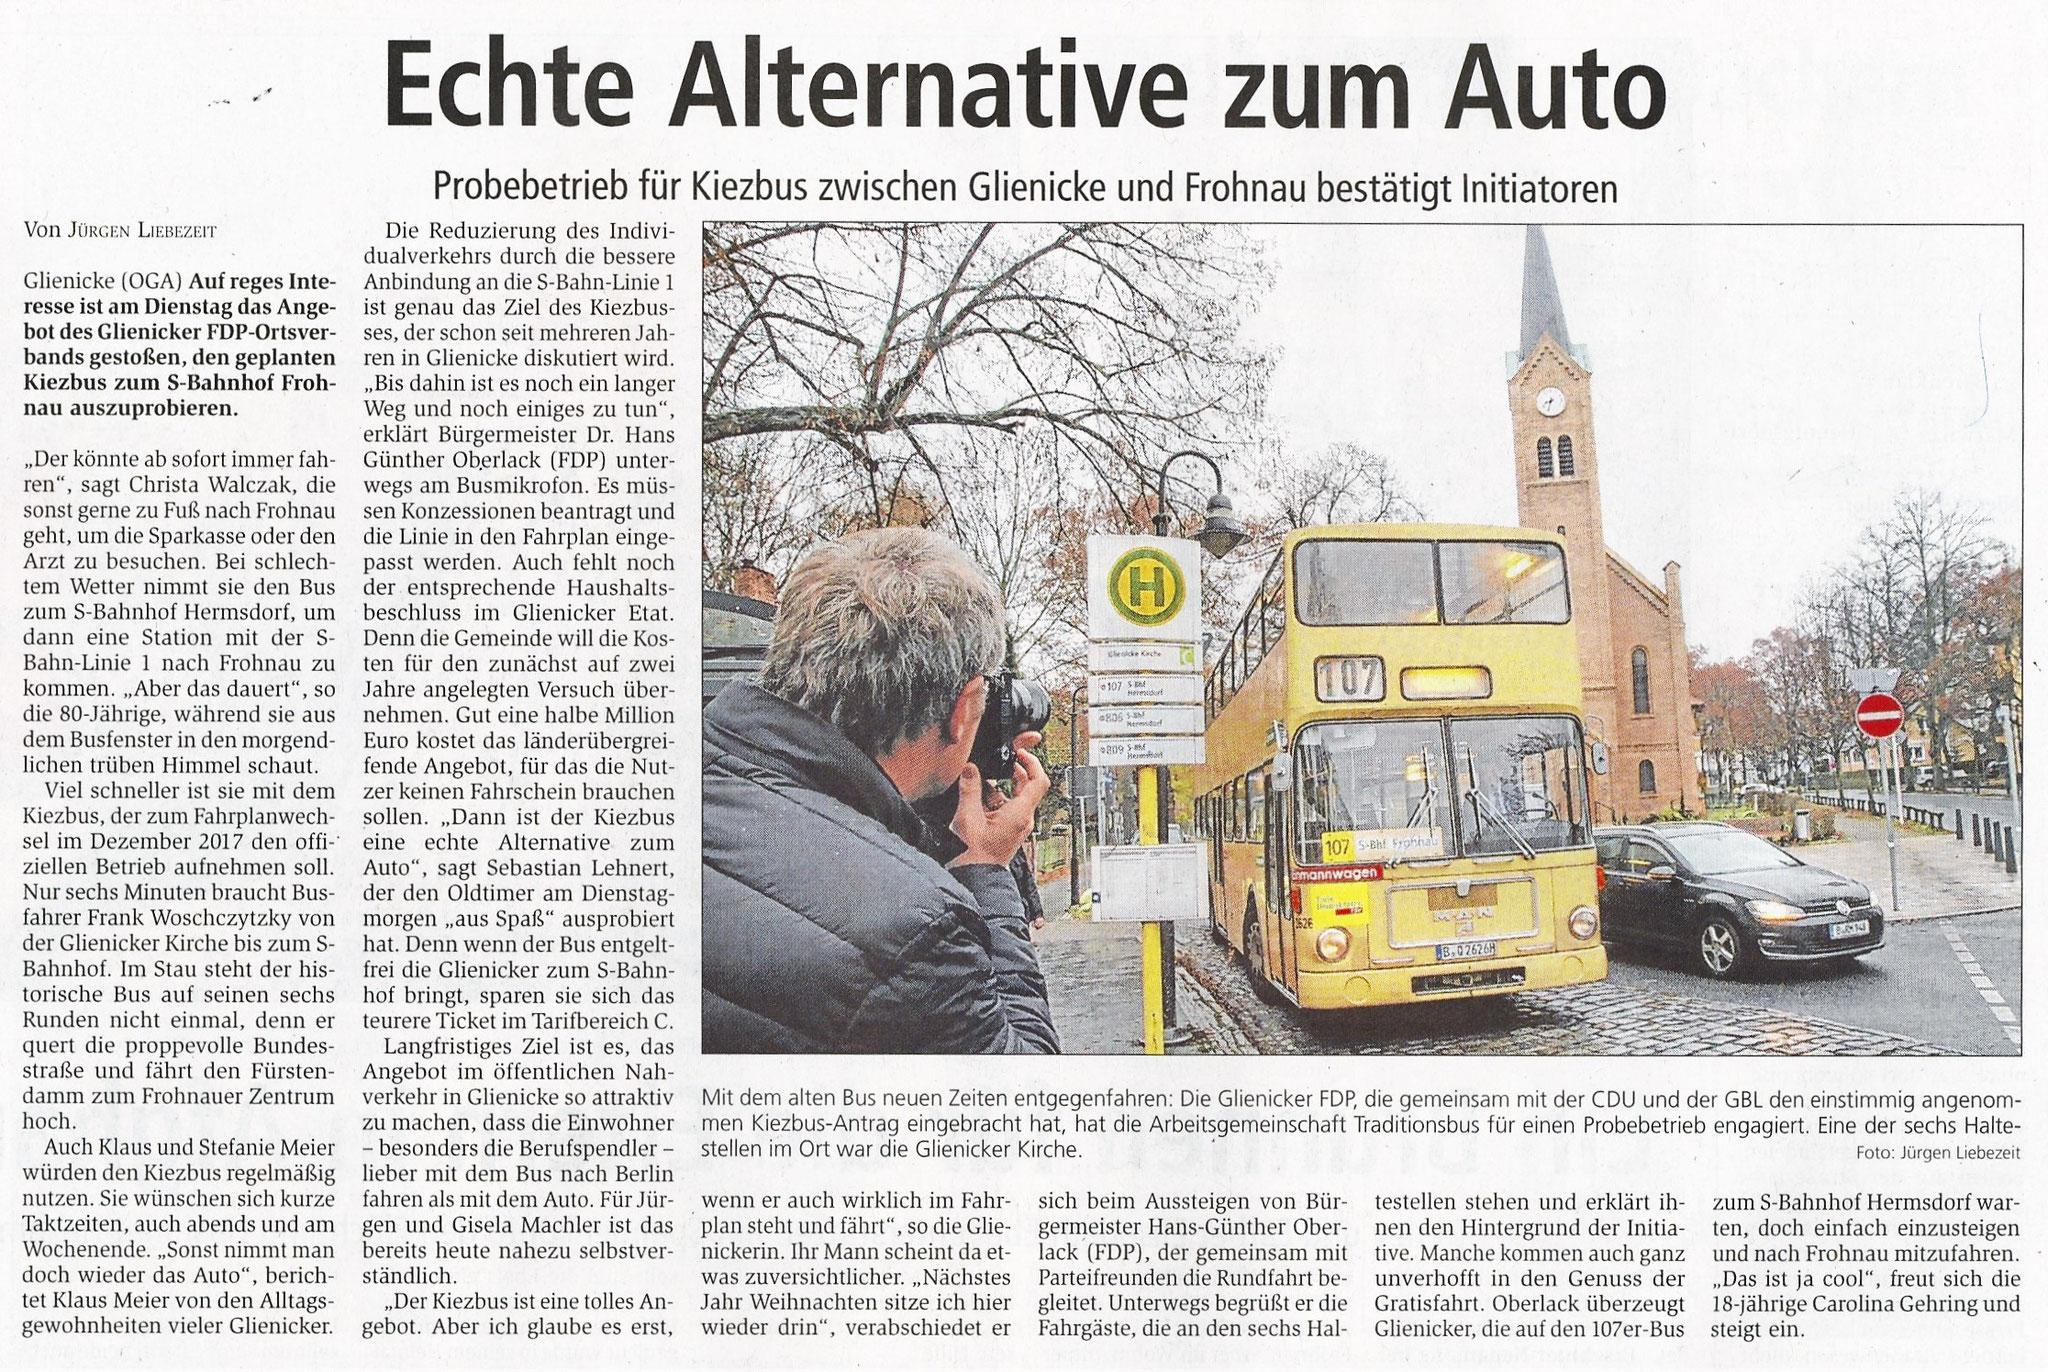 Oranienburger Generalanzeiger, 09.11.2016